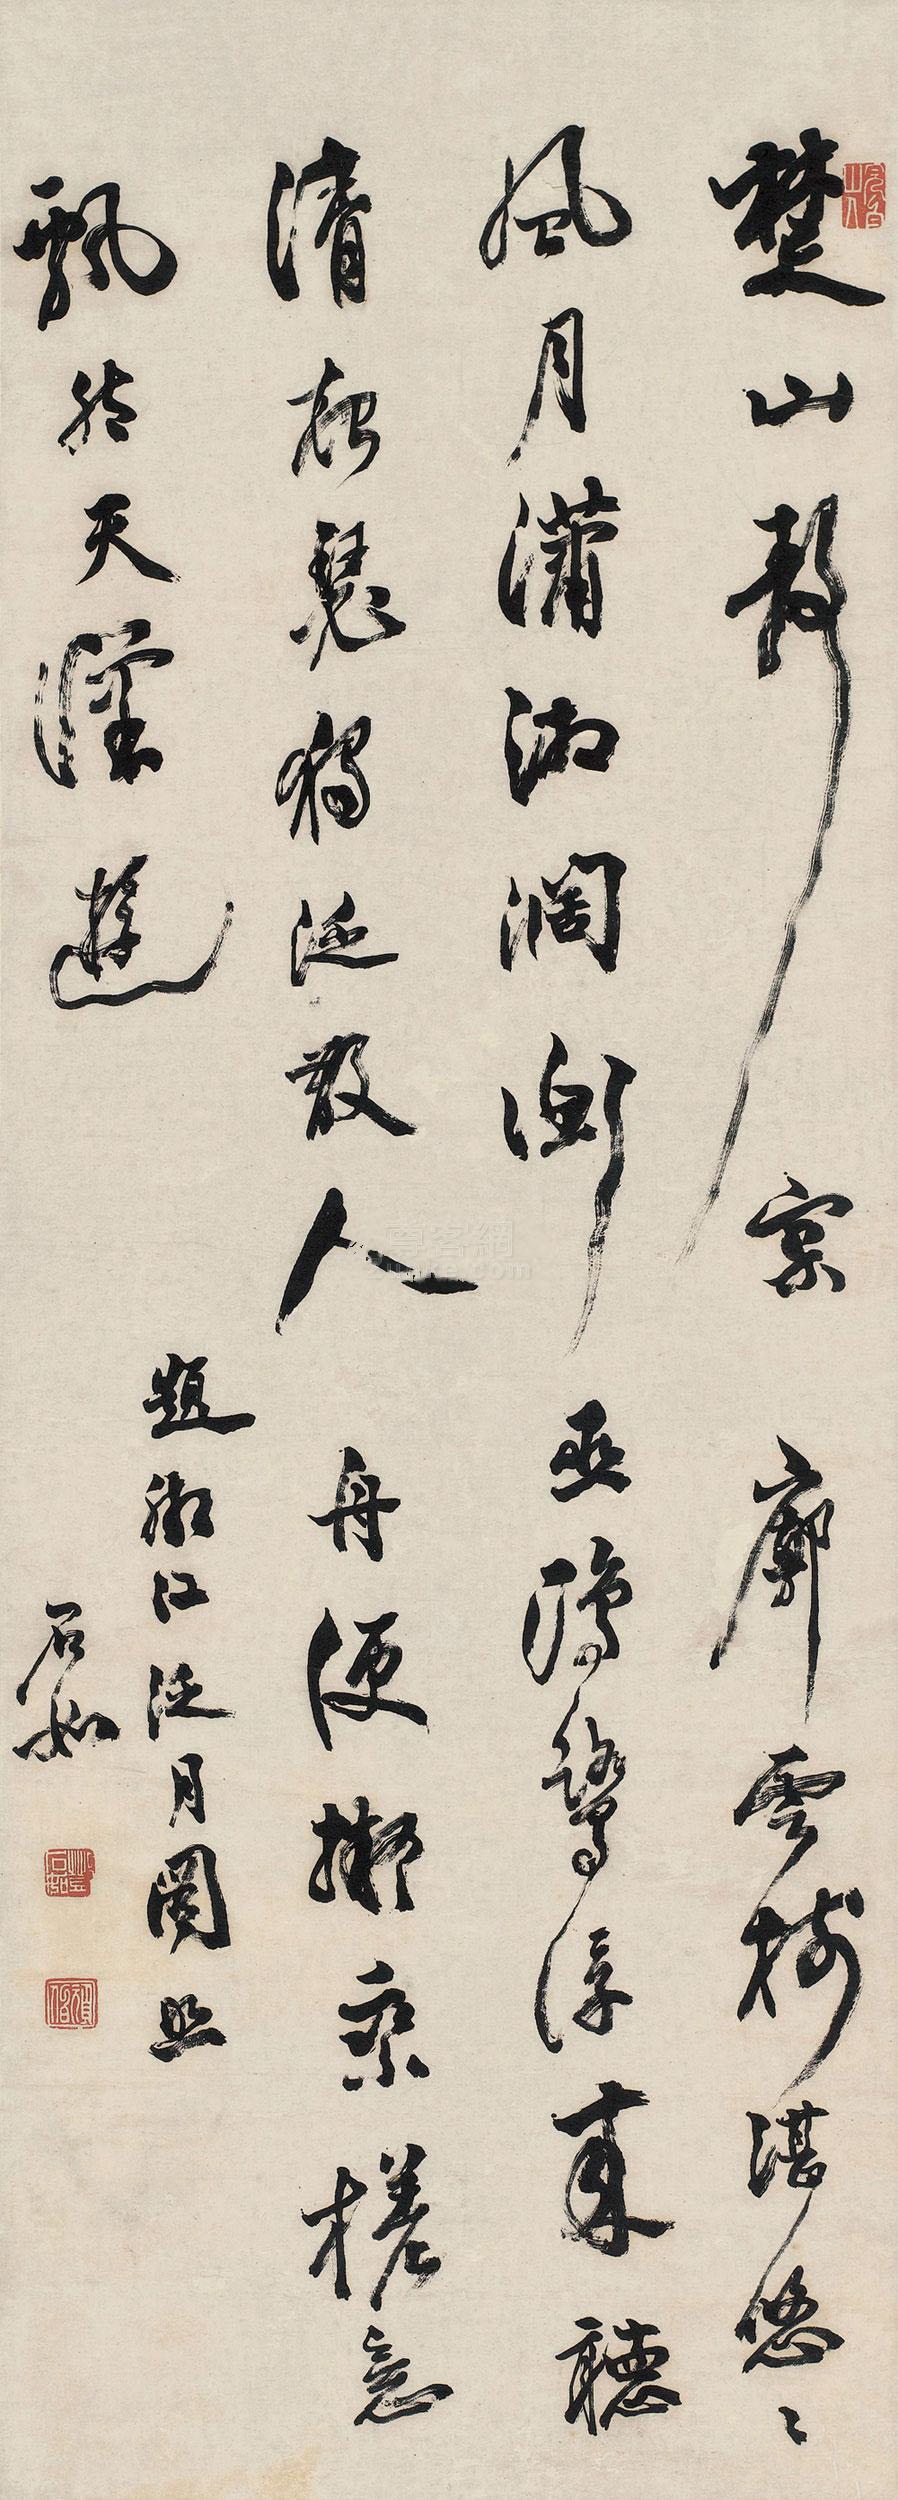 邓石如 行书五言诗 立轴 纸本作品欣赏